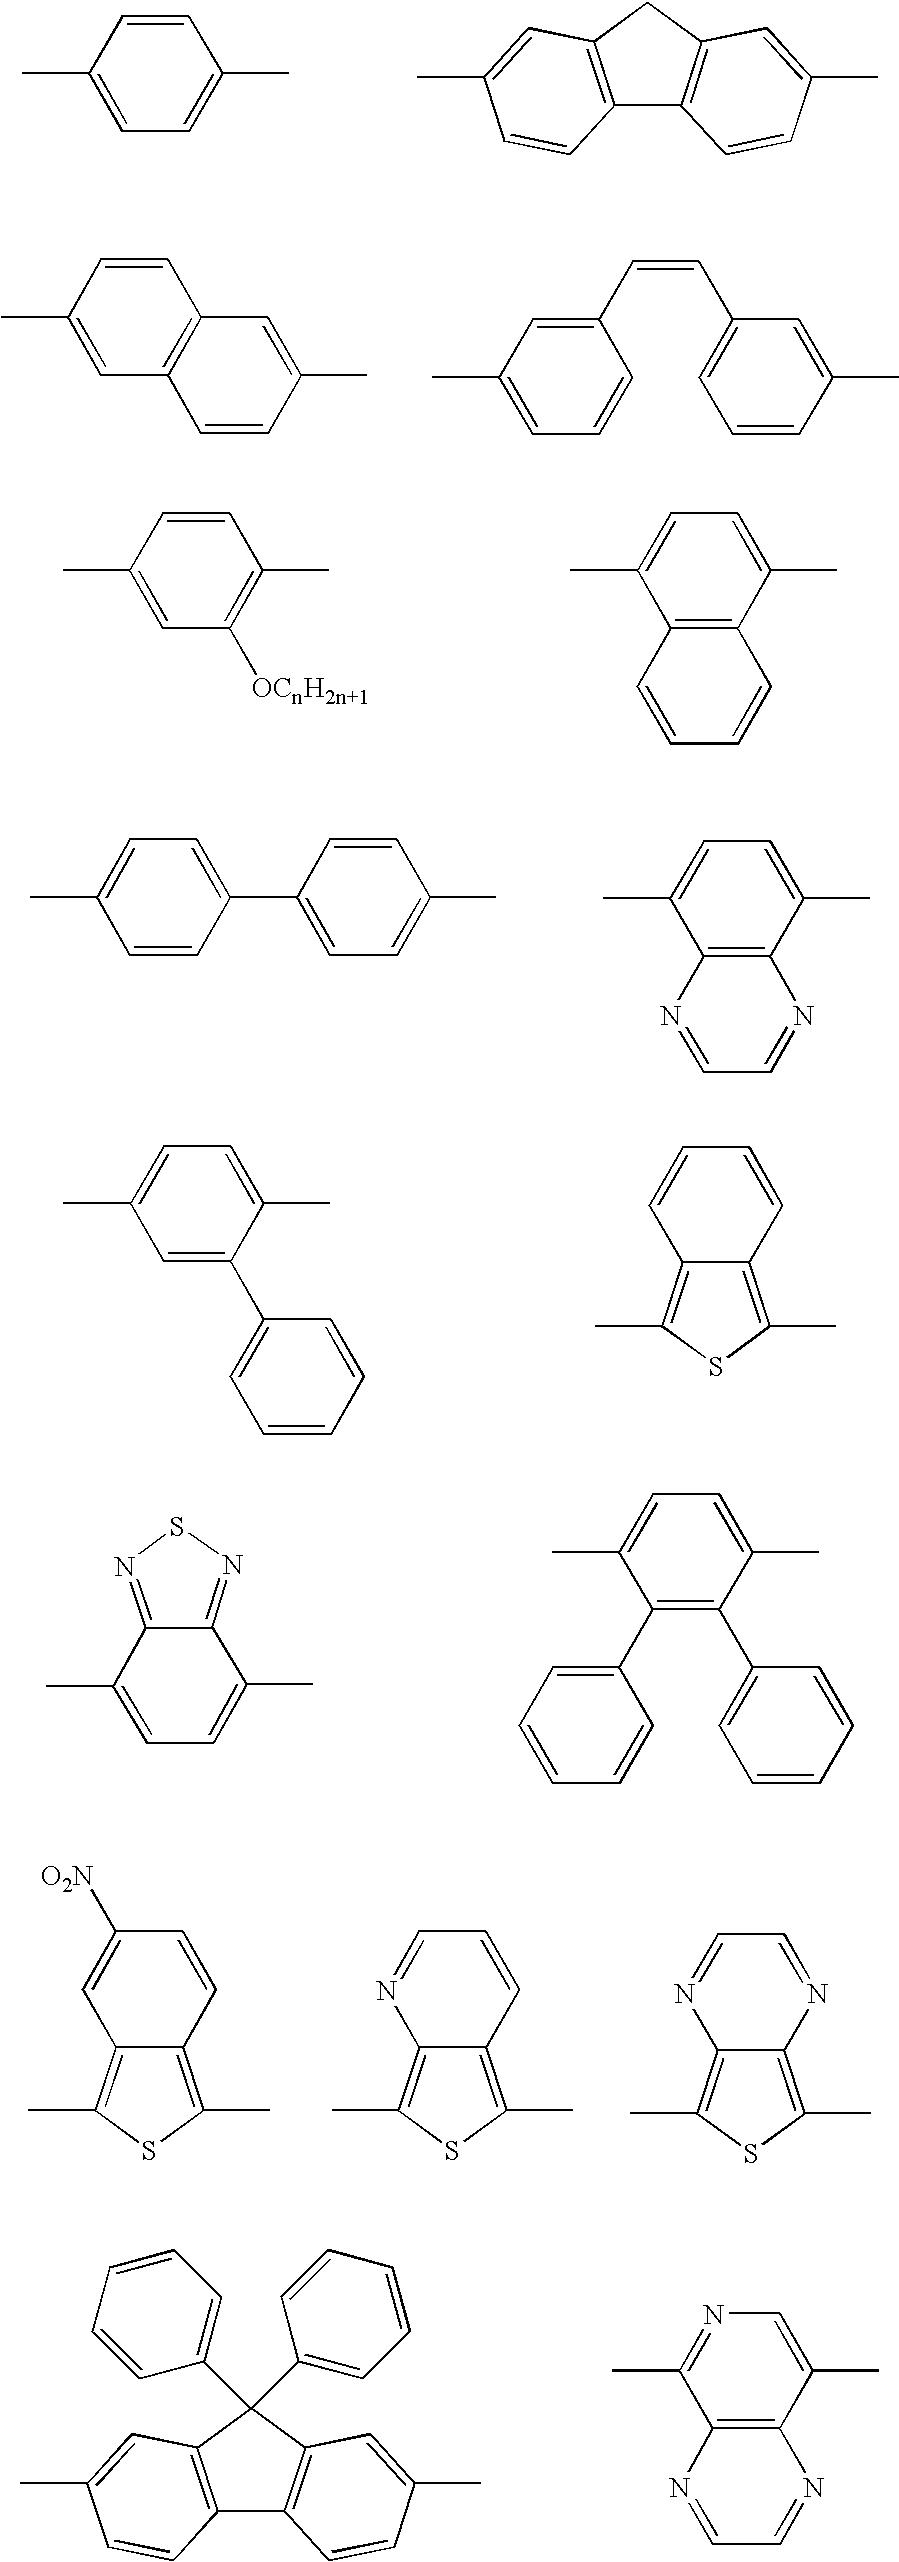 Figure US20040260047A1-20041223-C00001